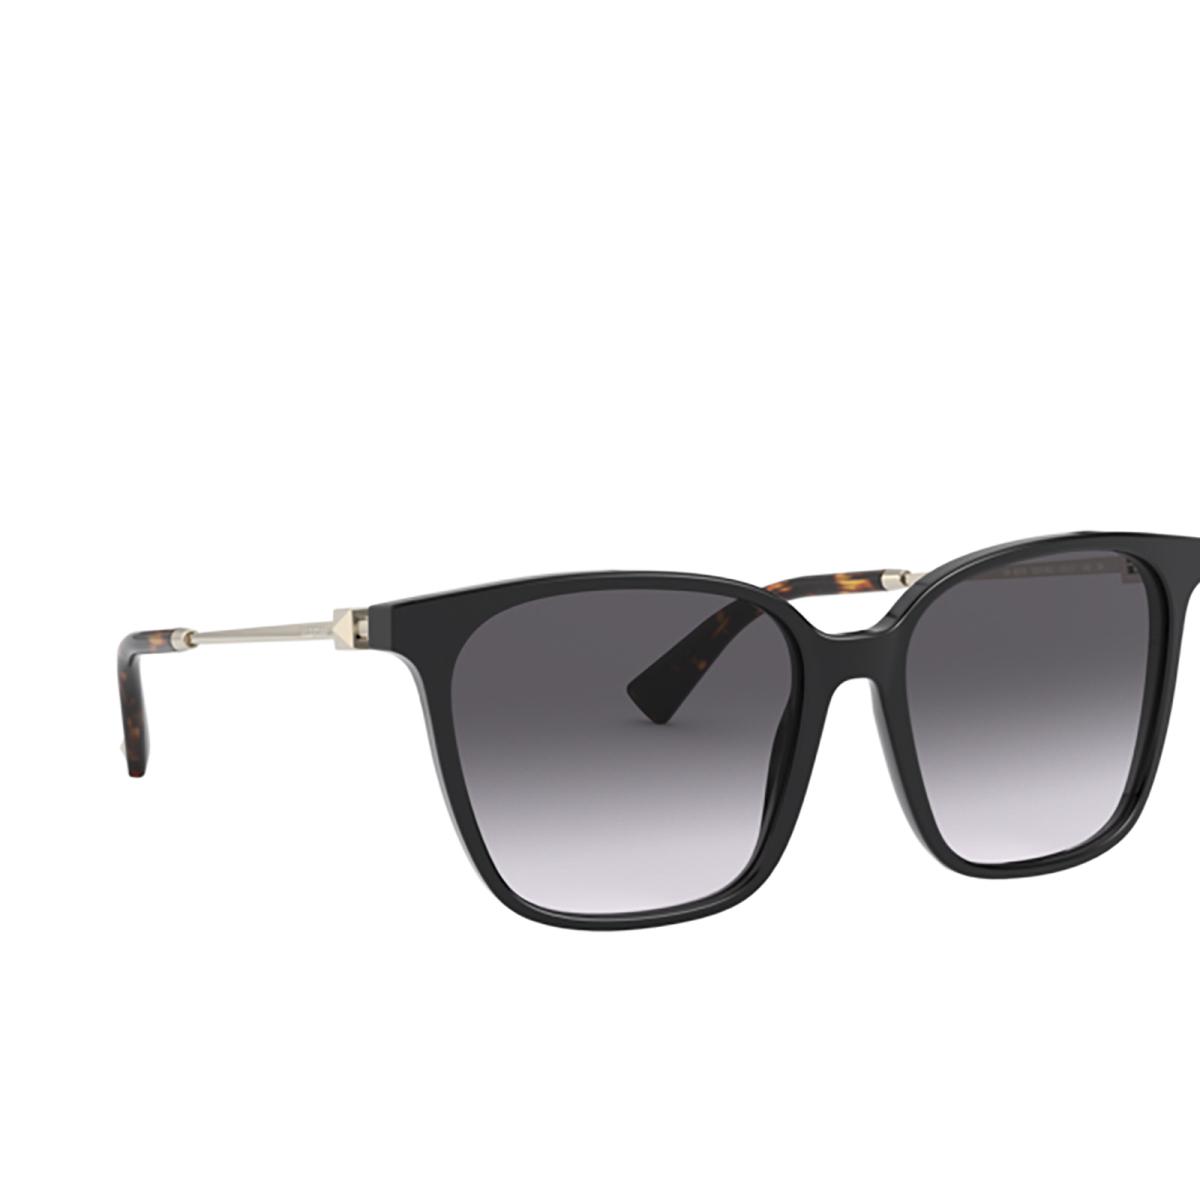 Valentino® Square Sunglasses: VA4078 color Black 50018G.